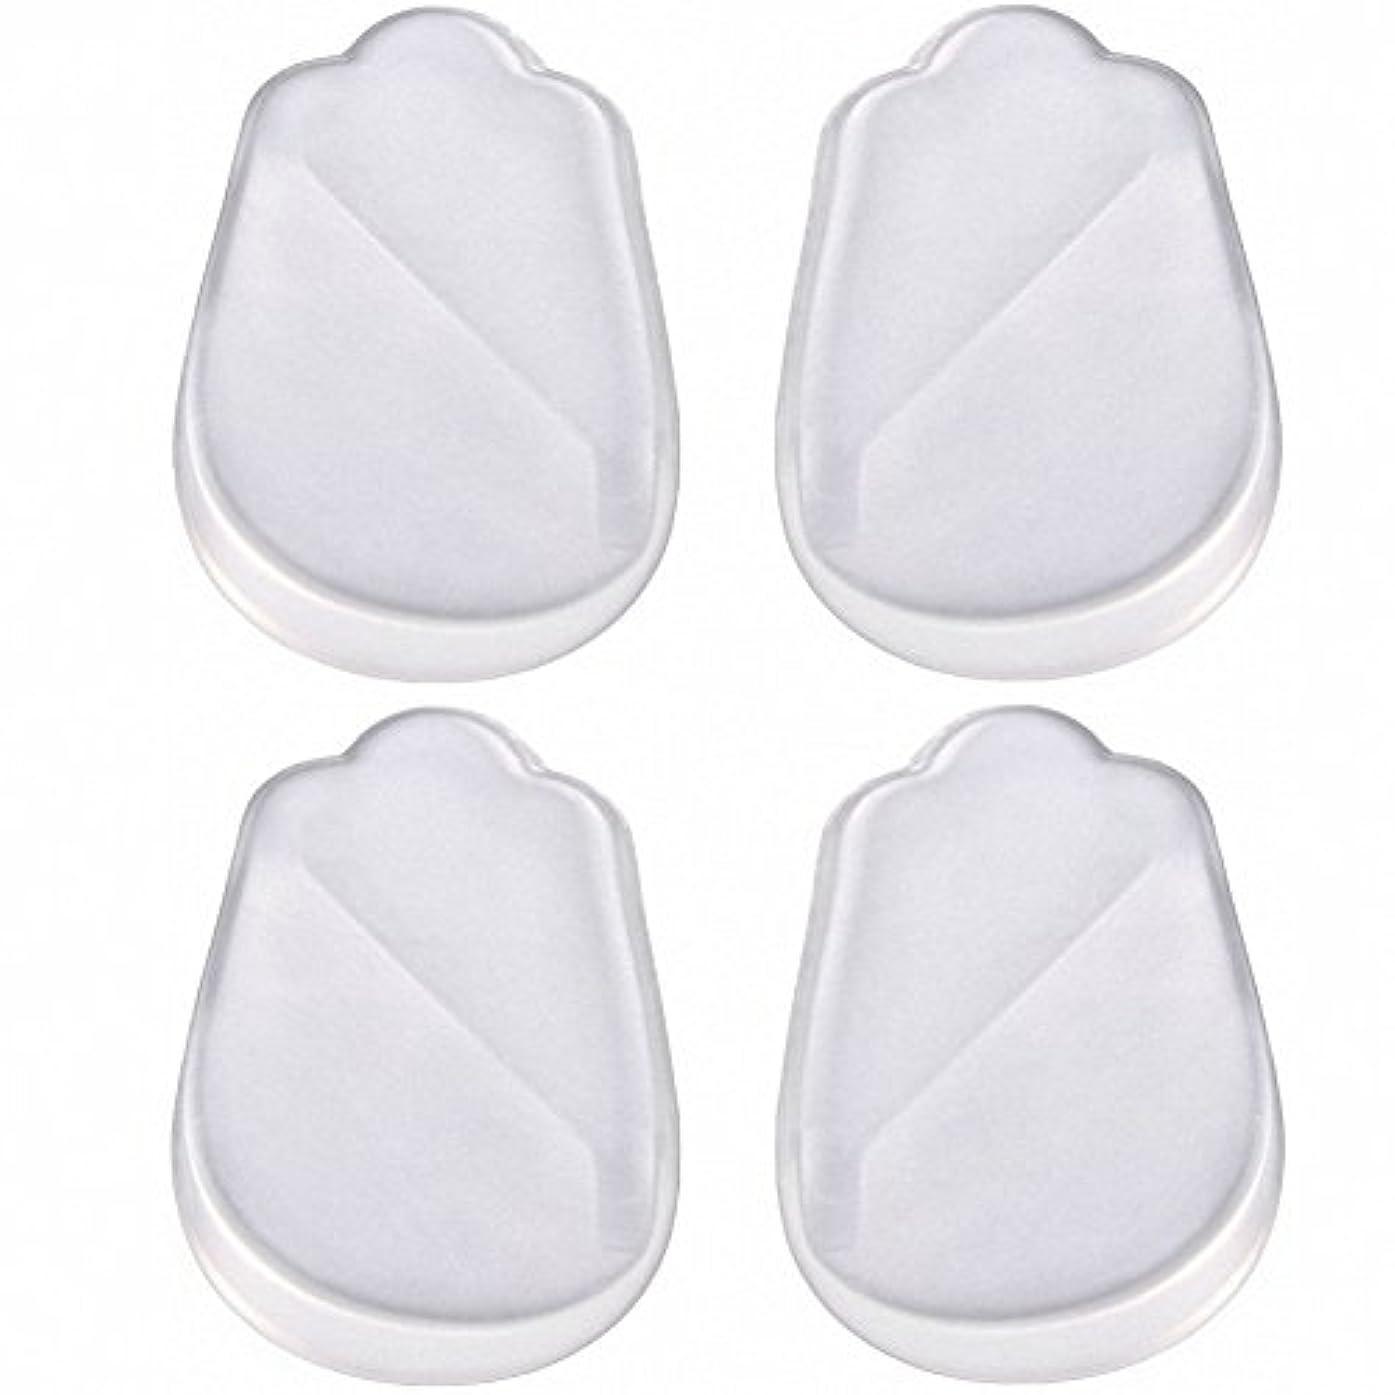 観点とティーム中性X脚 O脚 矯正用 かかと インソール 中敷き ジェル シリコン 透明 衝撃を吸収 男女兼用 靴に 入れて 履くだけ 4枚 2足分セット